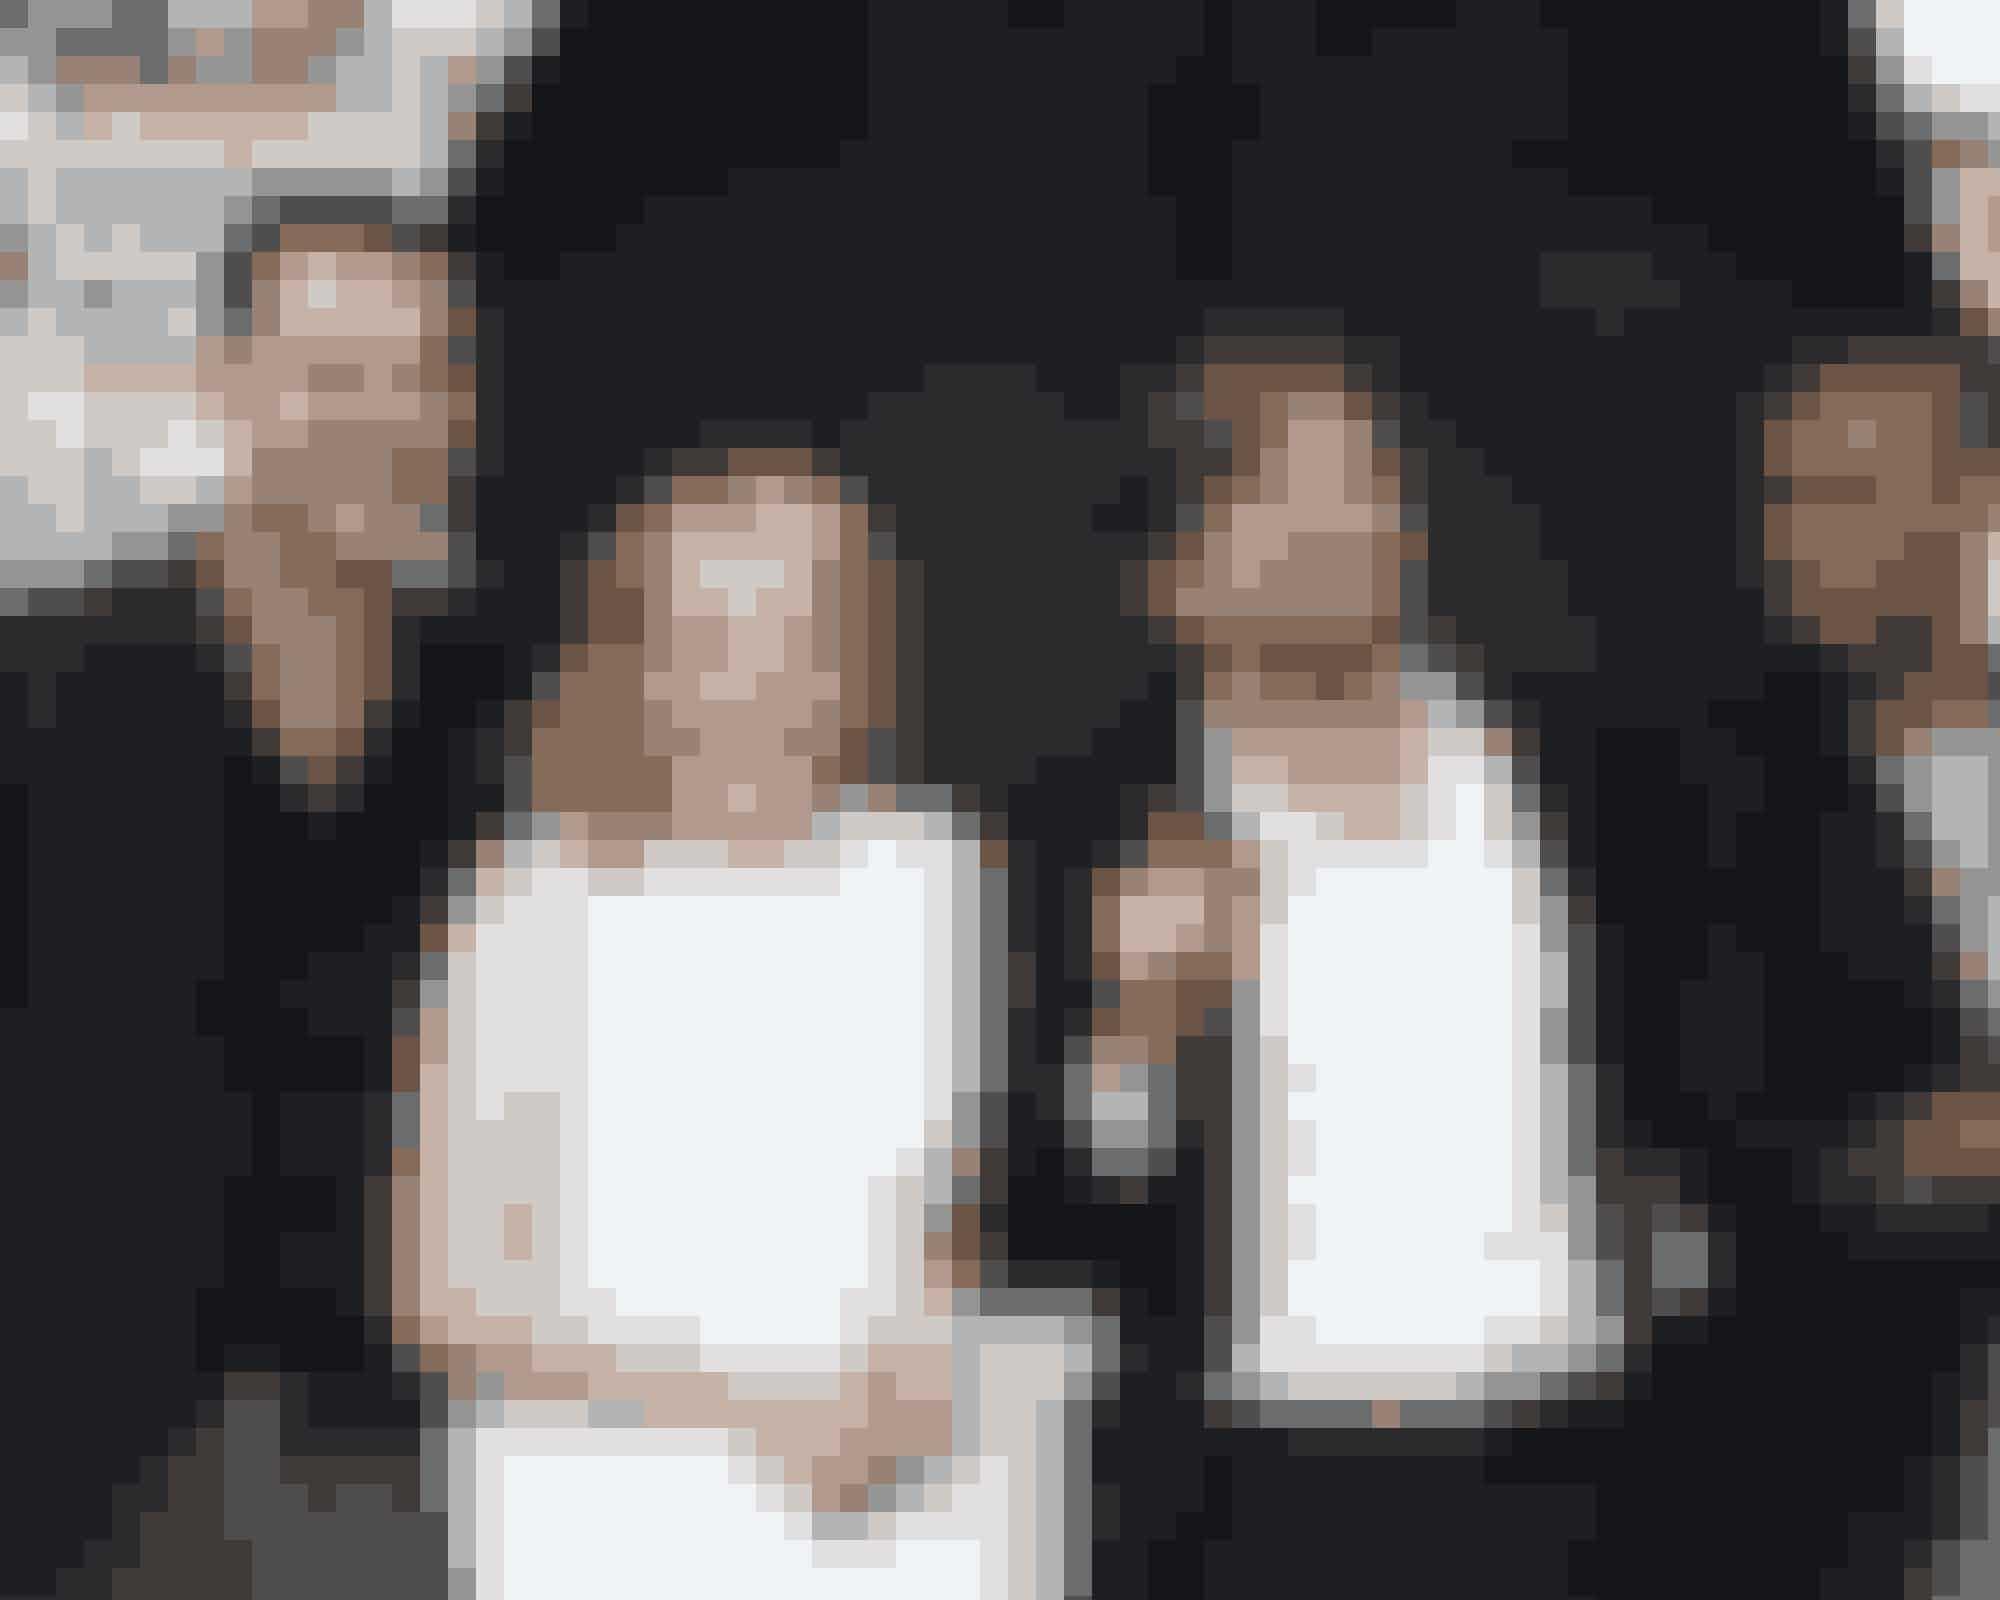 10. (Næsten) dansk vinder i CannesSvenske Ruben Östlund tog fusen på de fleste, da hans internationale dramakomedie 'The Square' løb med Guldpalmen på årets filmfestival i Cannes. Filmen har Claes Bang i den mandlige hovedrolle, og danskeren blev også udråbt som årets mandlige skuespiller ved European Film Awards for nylig.